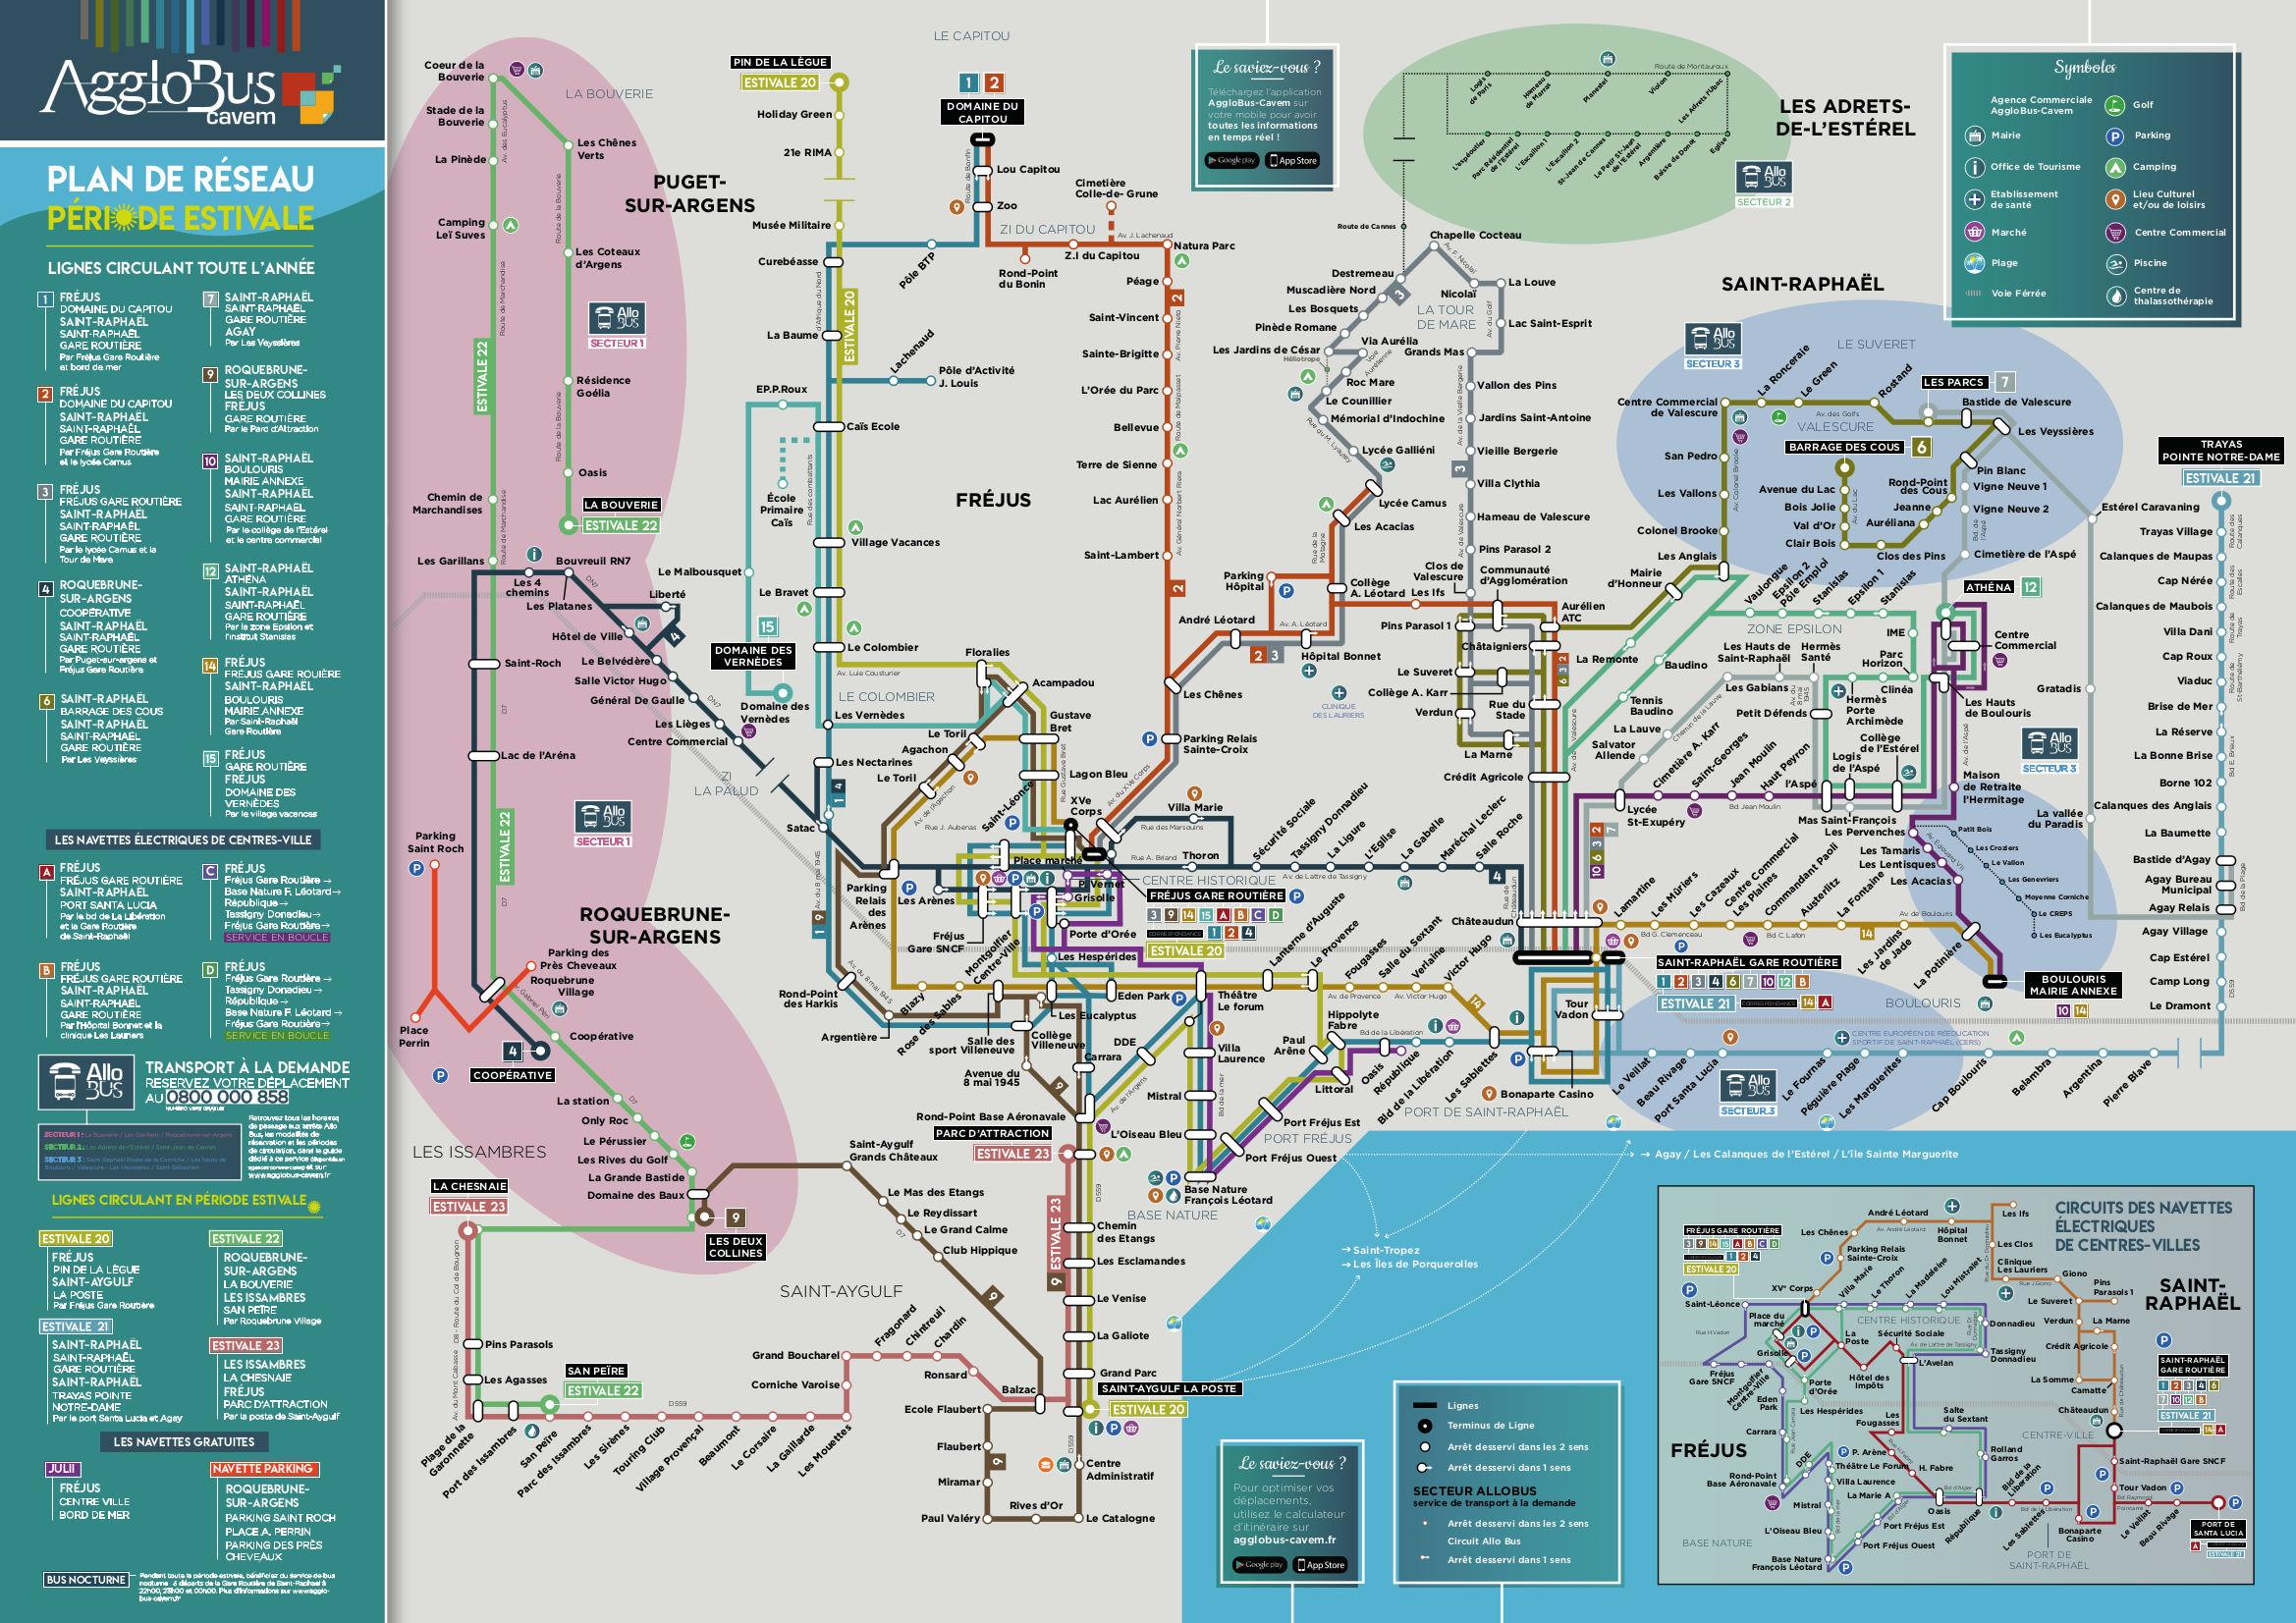 plan du réseau Agglobus